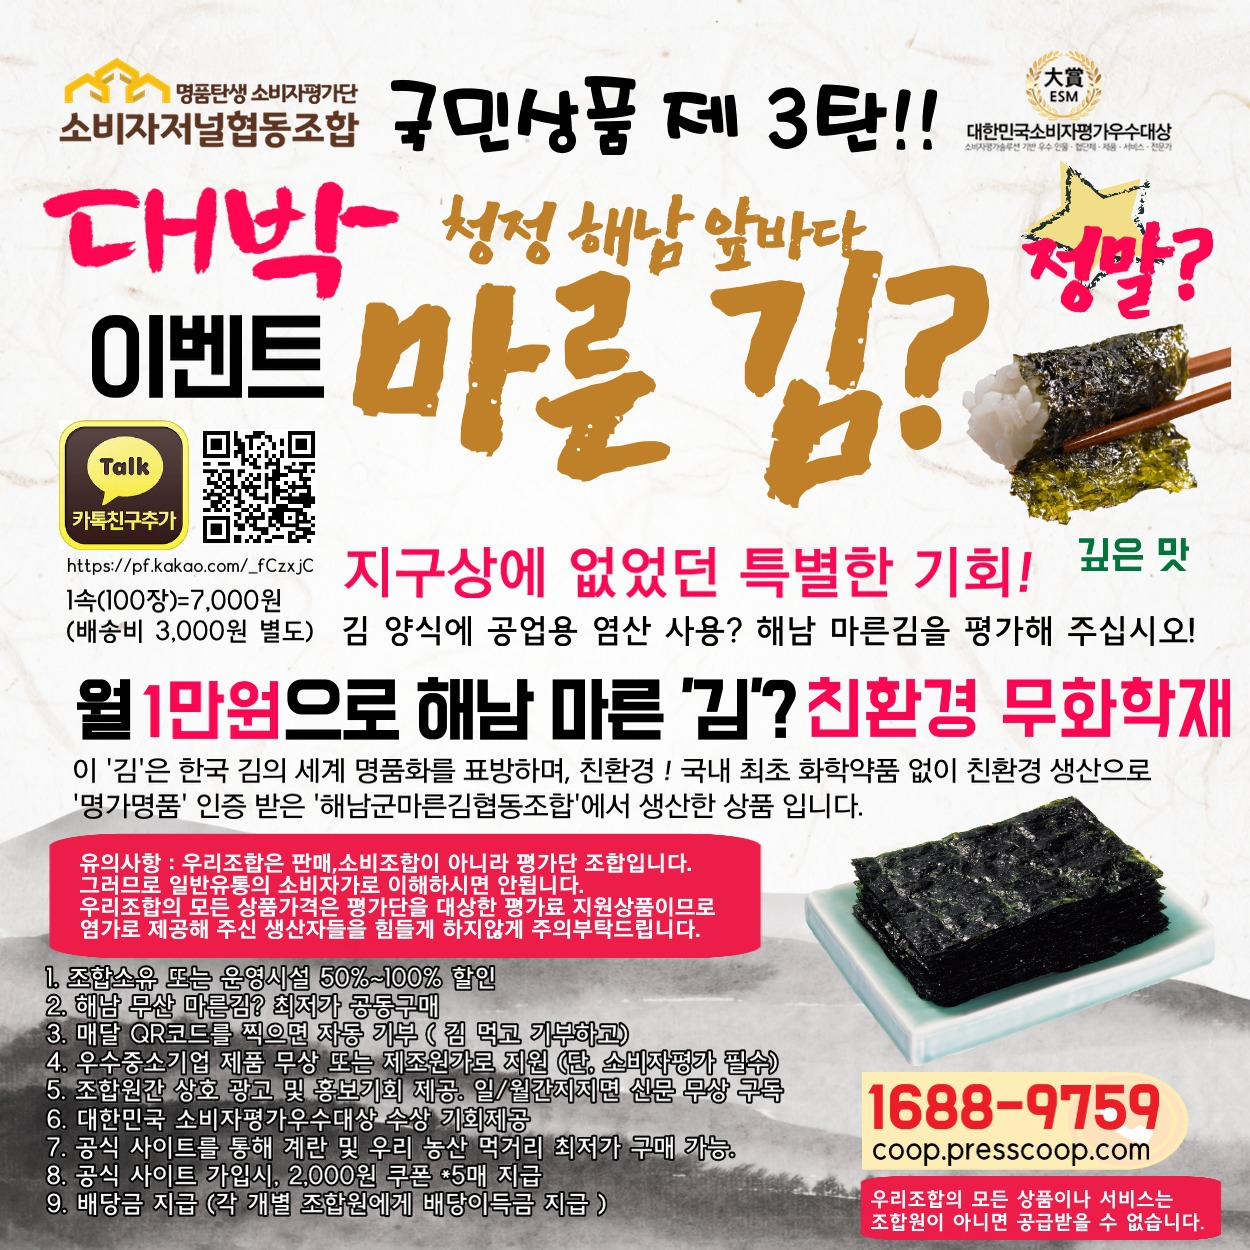 소비저저널협동조합, 국민상품 제3탄 '해남 마른김' 채택